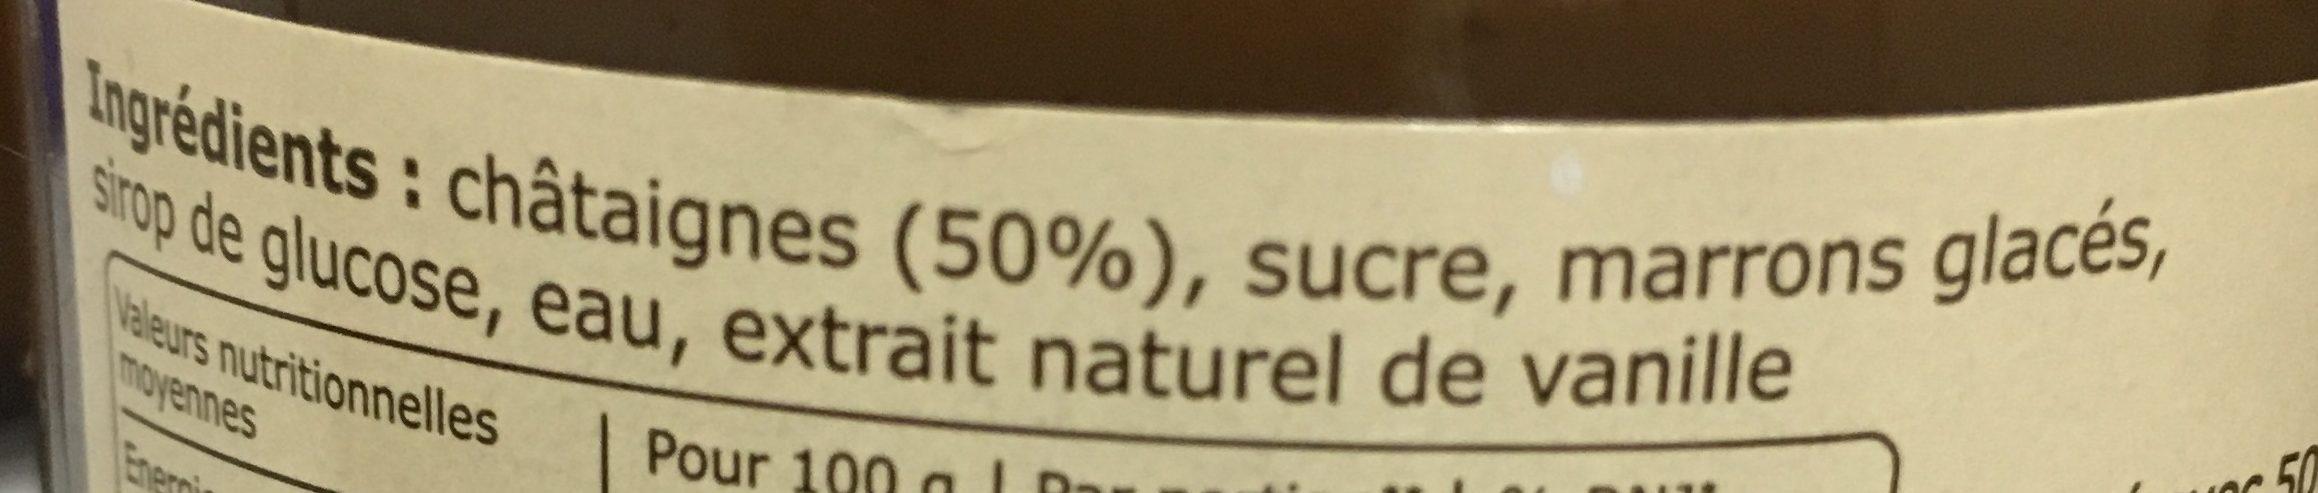 Creme de marrons de l'Ardeche - Ingrédients - fr